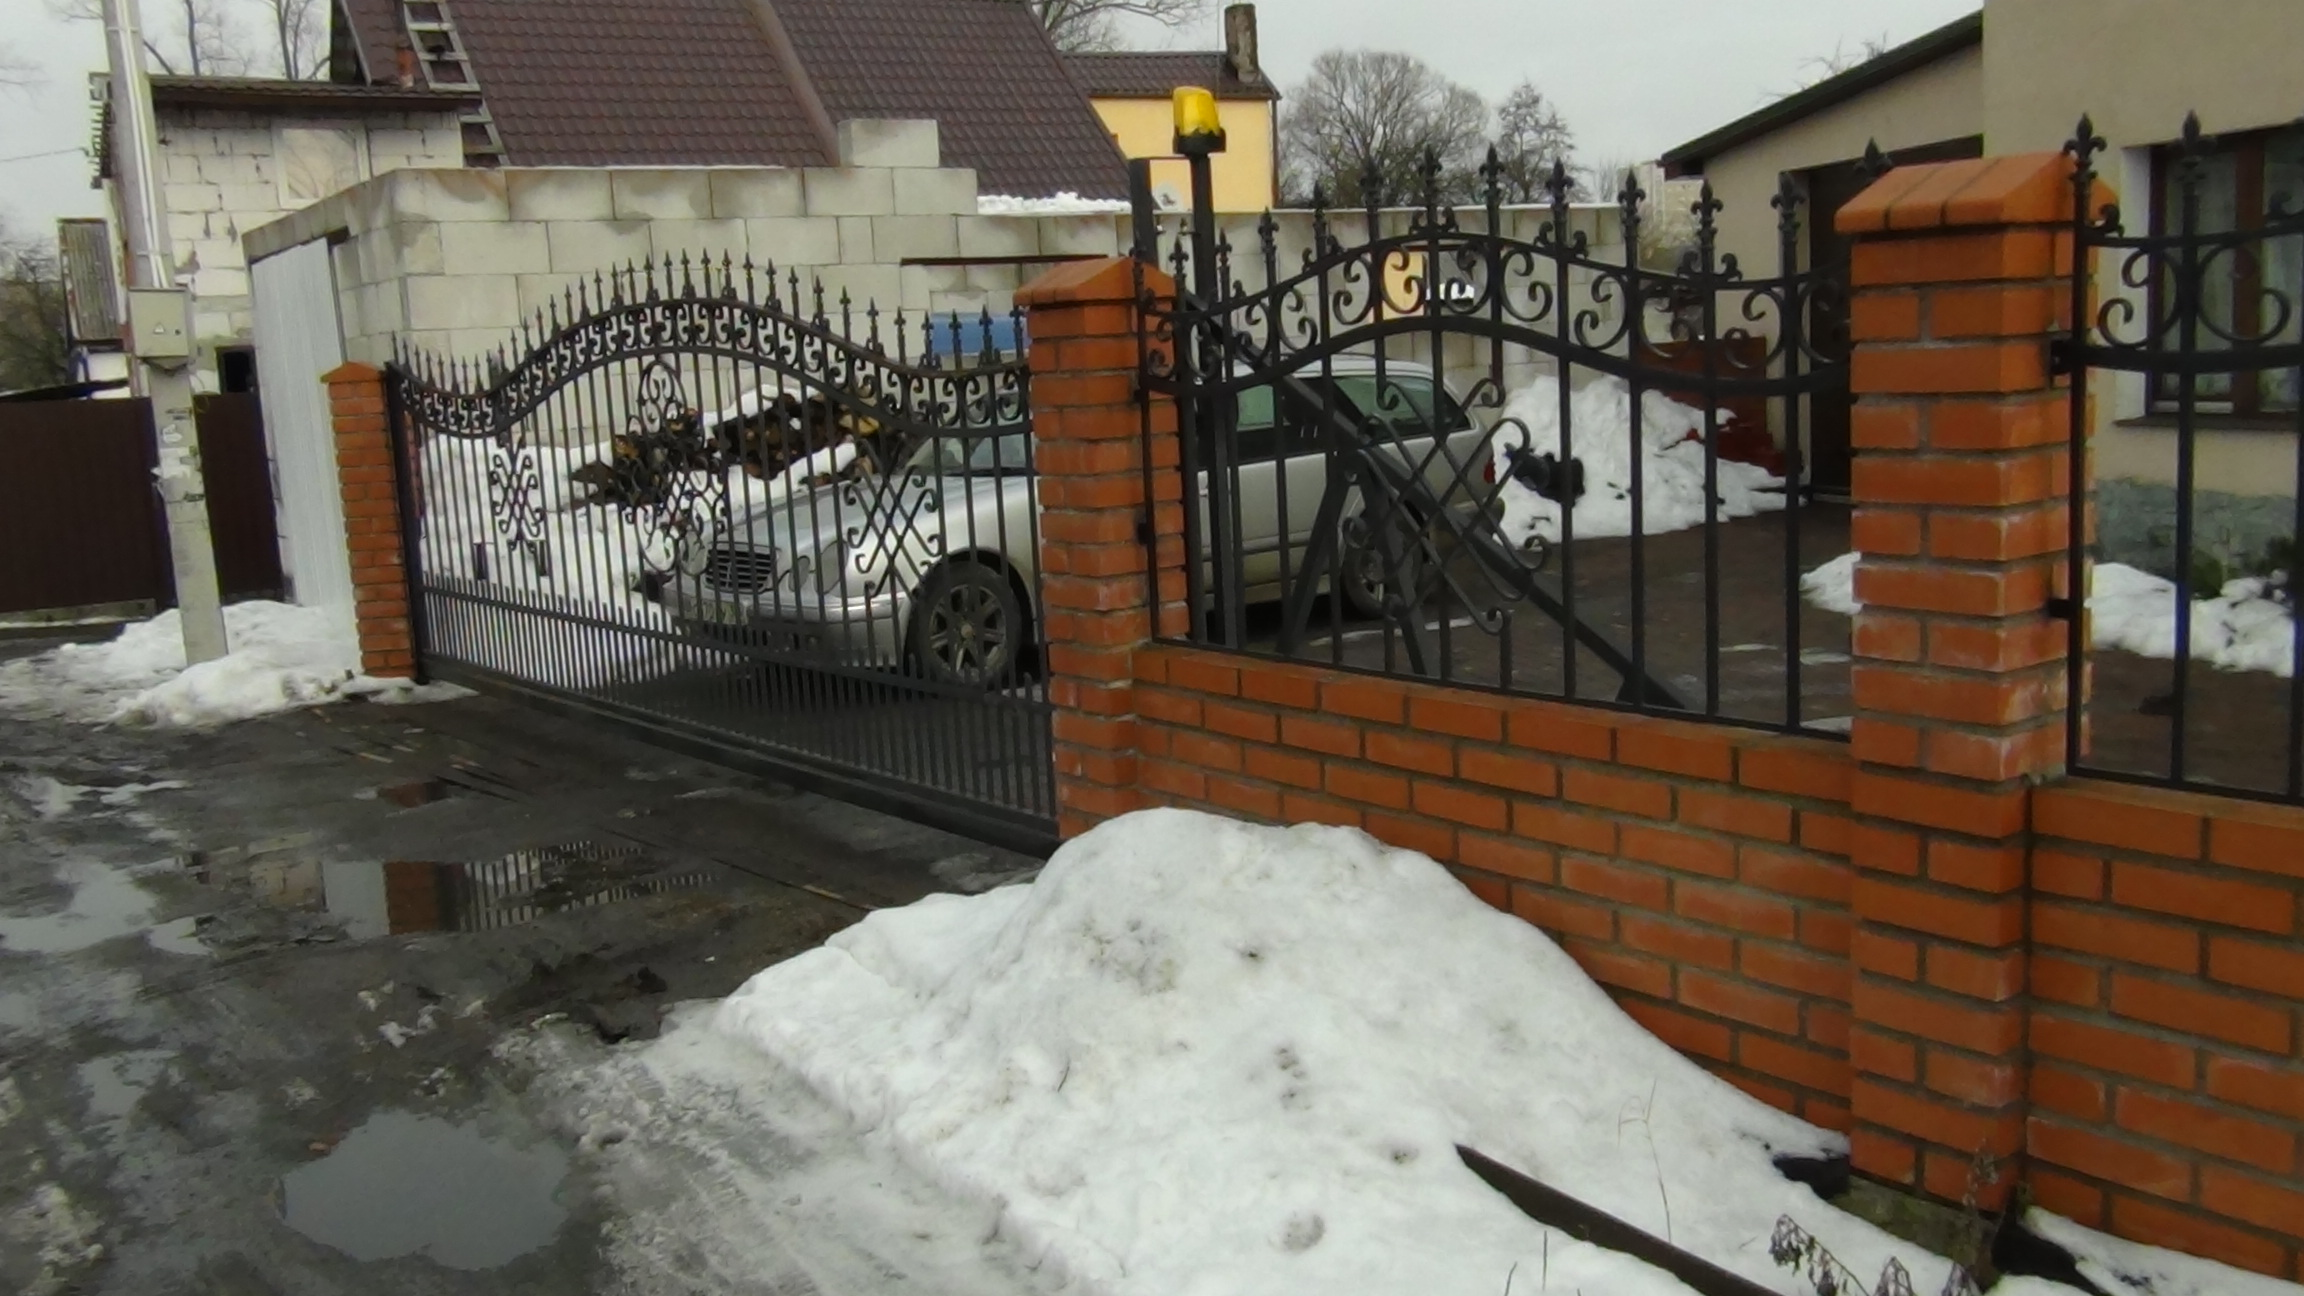 Ворота откатные и забор в сочетании с кирпичной кладкой